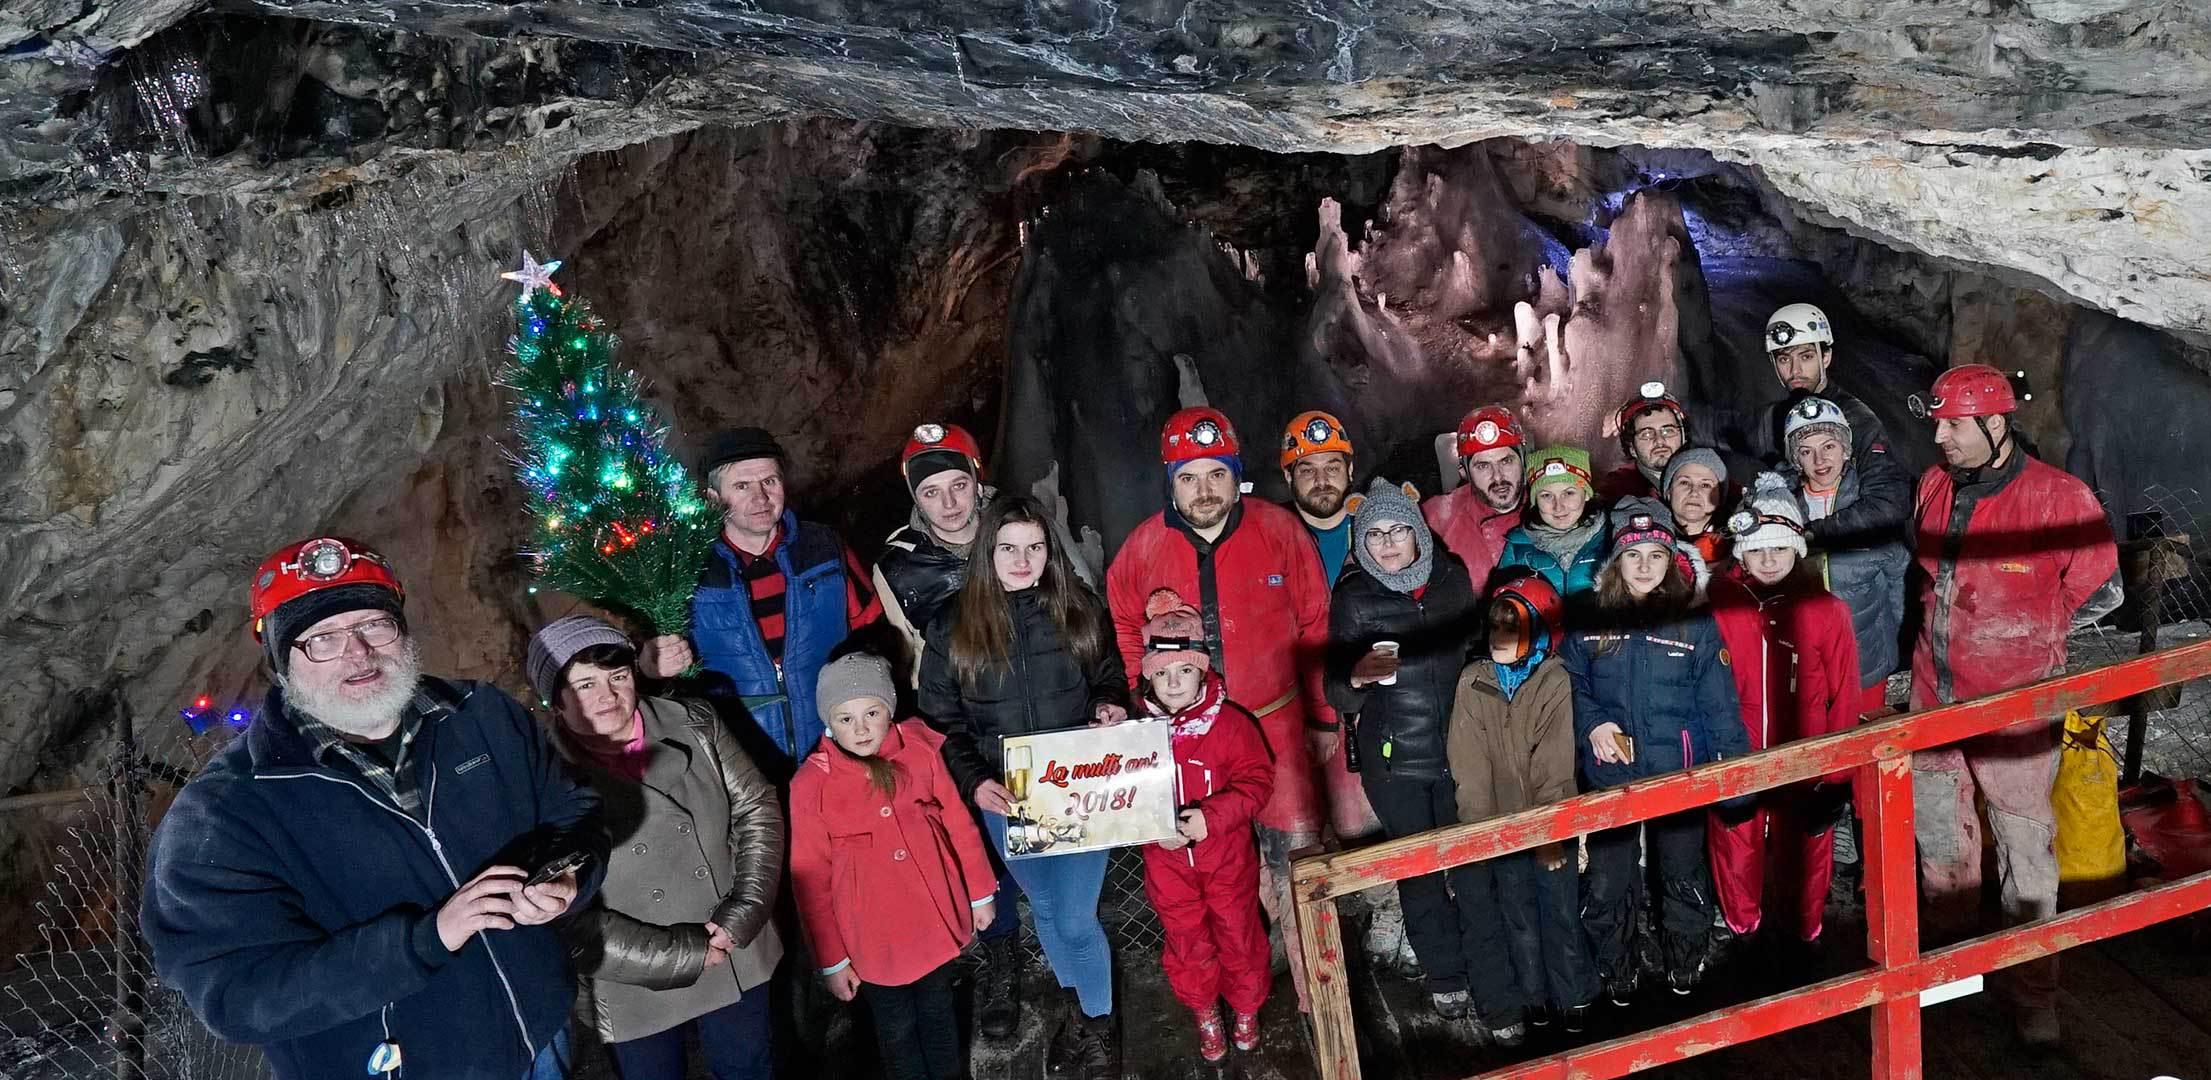 Revelion sărbătorit în peştera `Gheţarul Scărişoara` de către un grup de speologi şi familiile lor | GALERIE FOTO